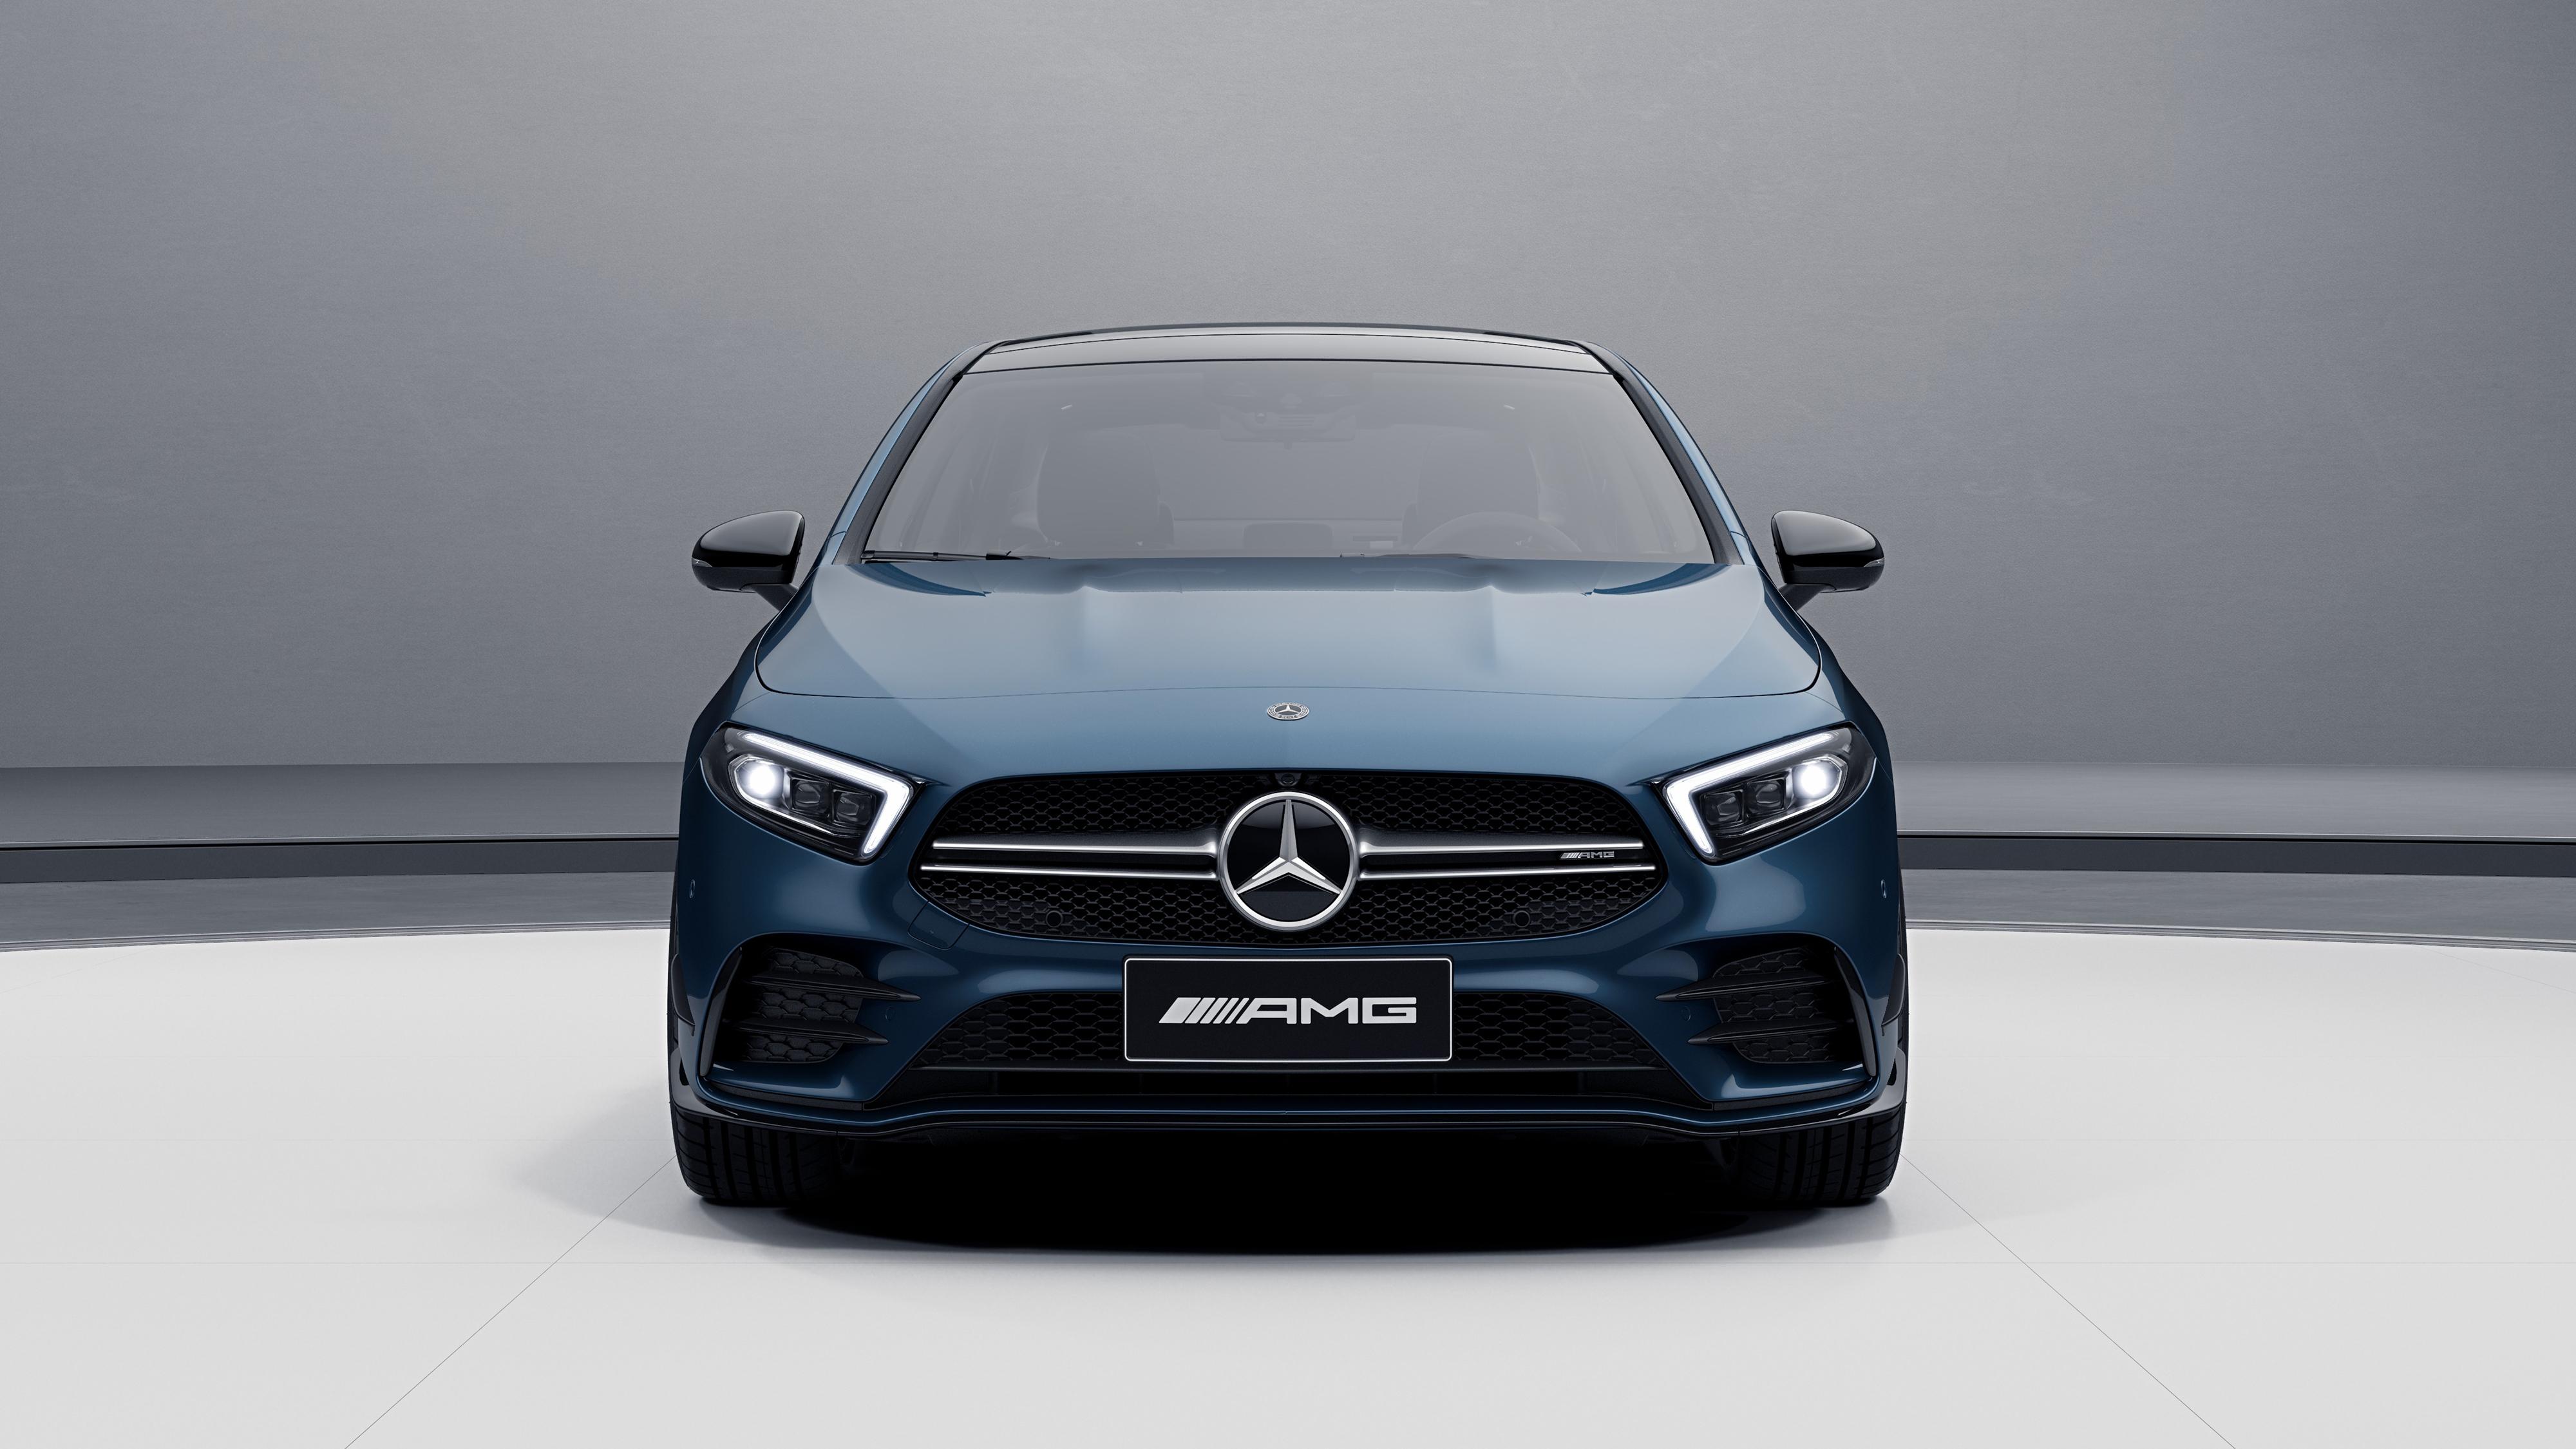 Mercedes Amg A 35 L 4matic 2019 2 4k Wallpaper Hd Car Wallpapers Id 13661